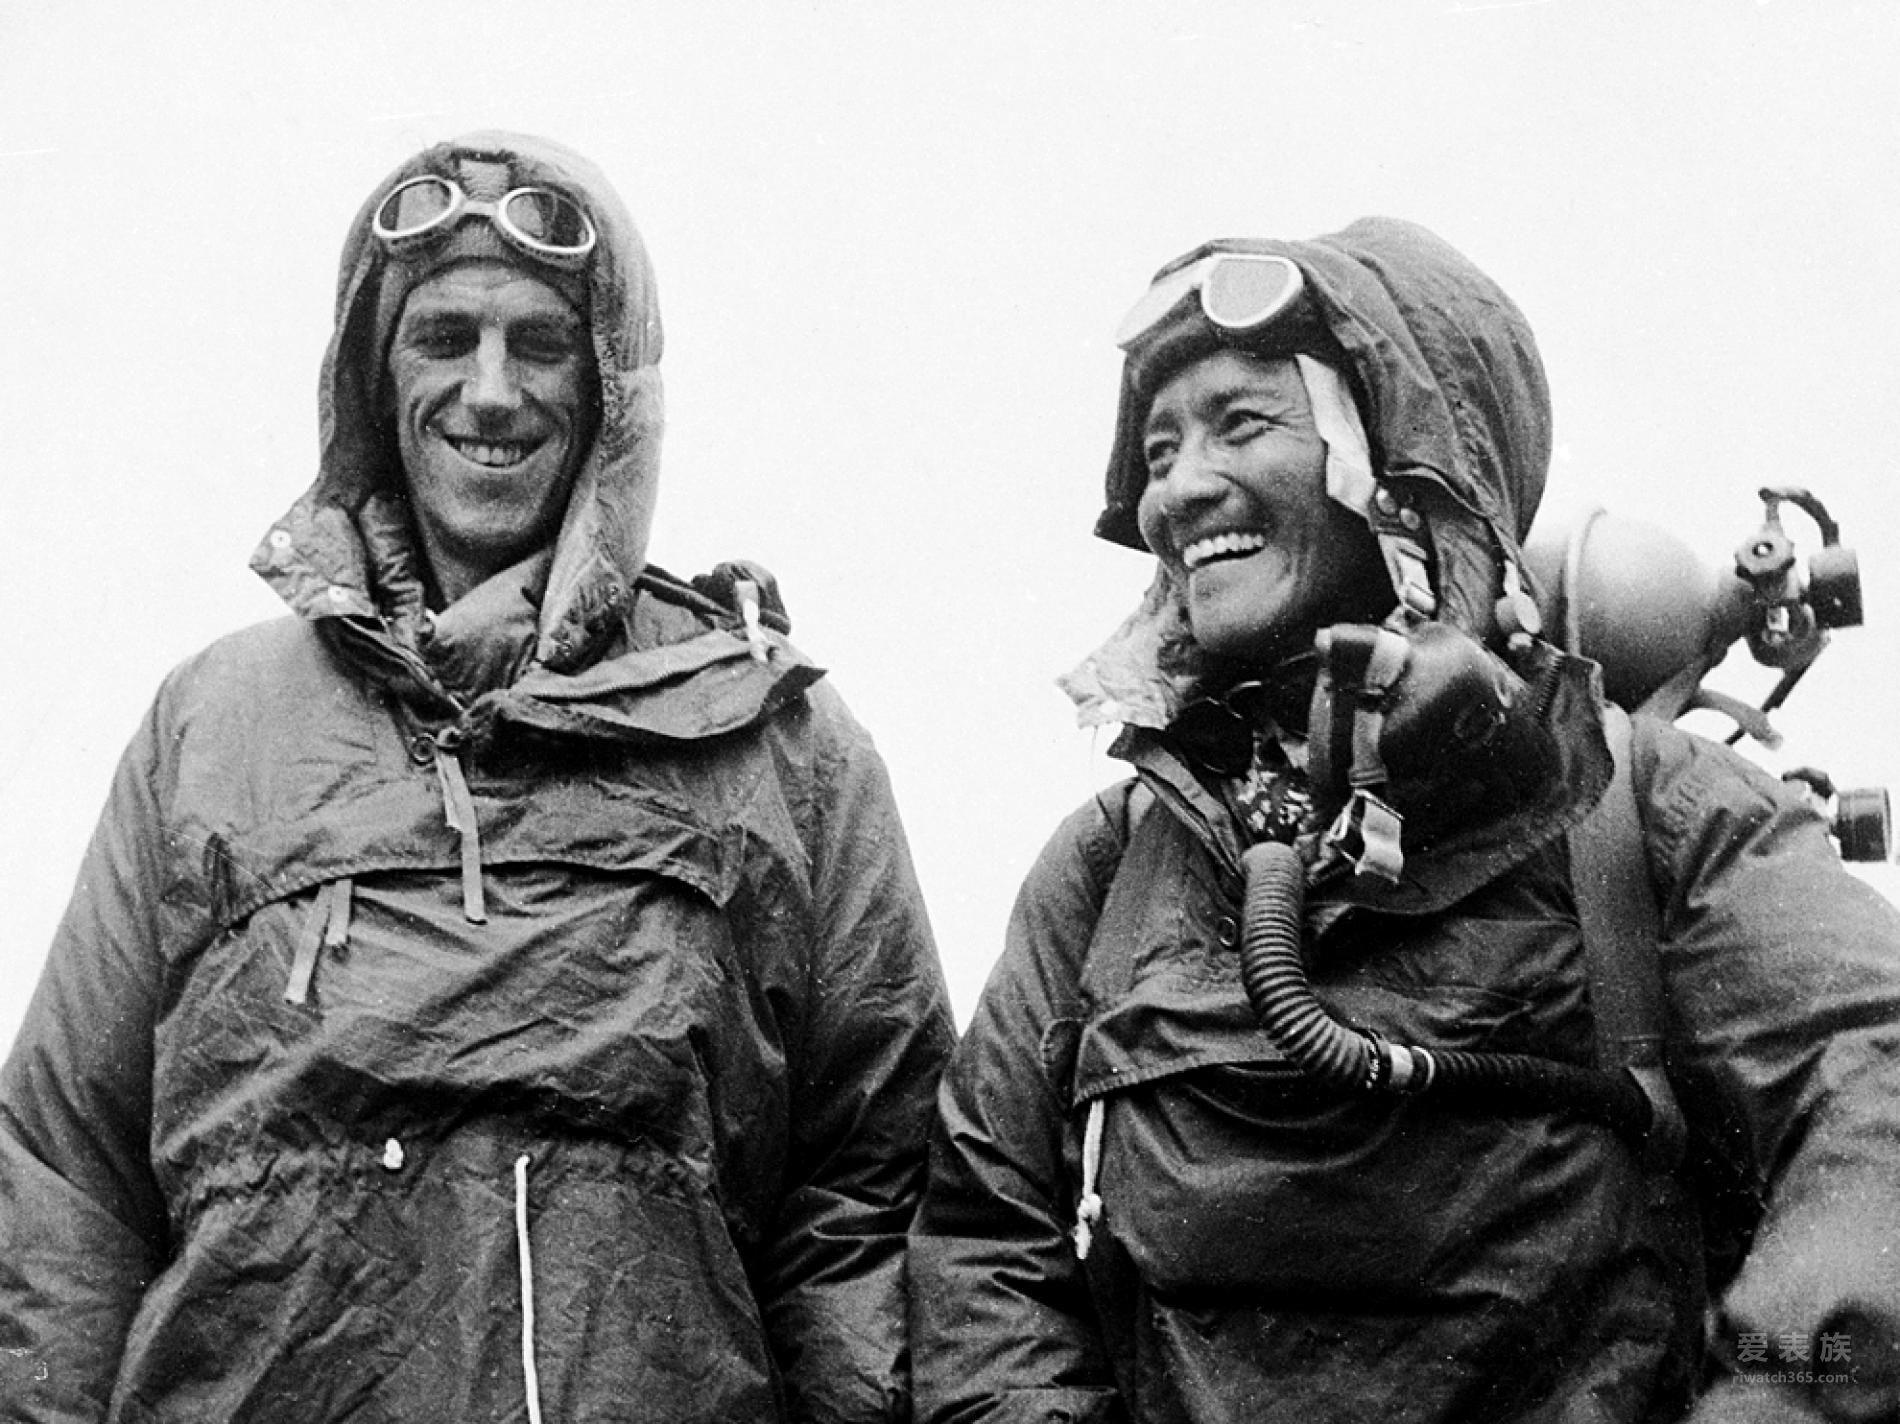 1953年5月29日,Edmund Hillary(左)和Sherpa Tenzing Norgay到达了珠穆朗玛峰的顶点,成为第一批站在世界最高峰之上的人。